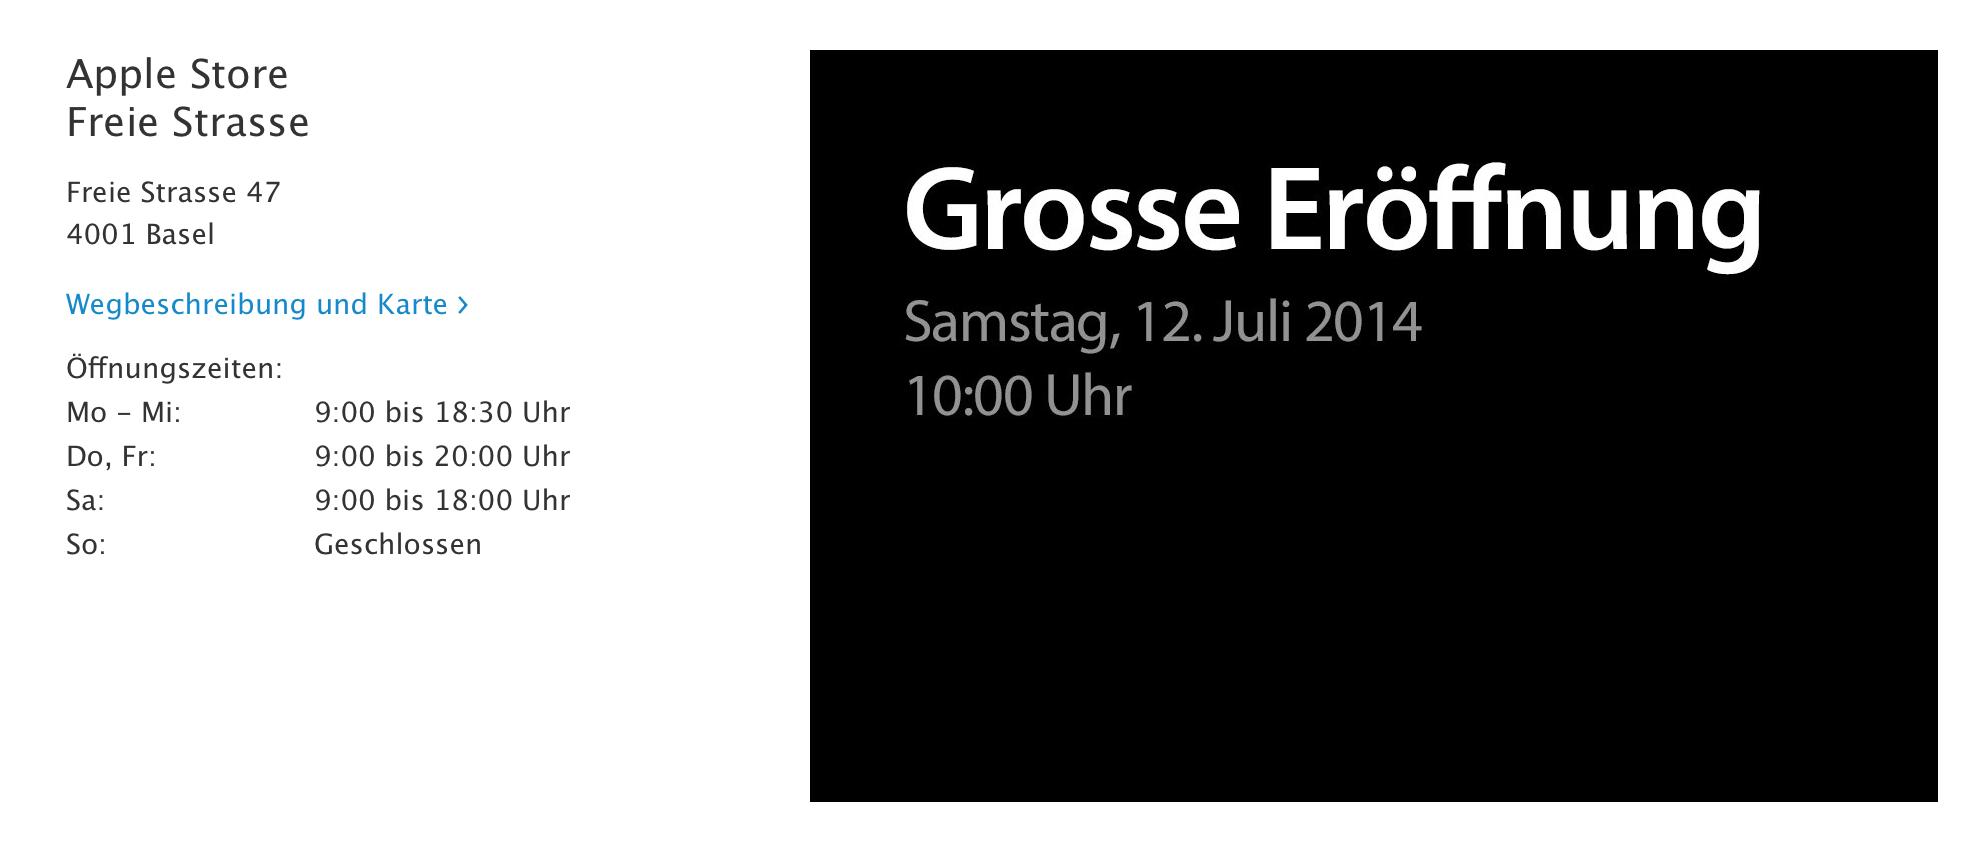 Screen Shot 2014-07-08 at 11.16.50 AM